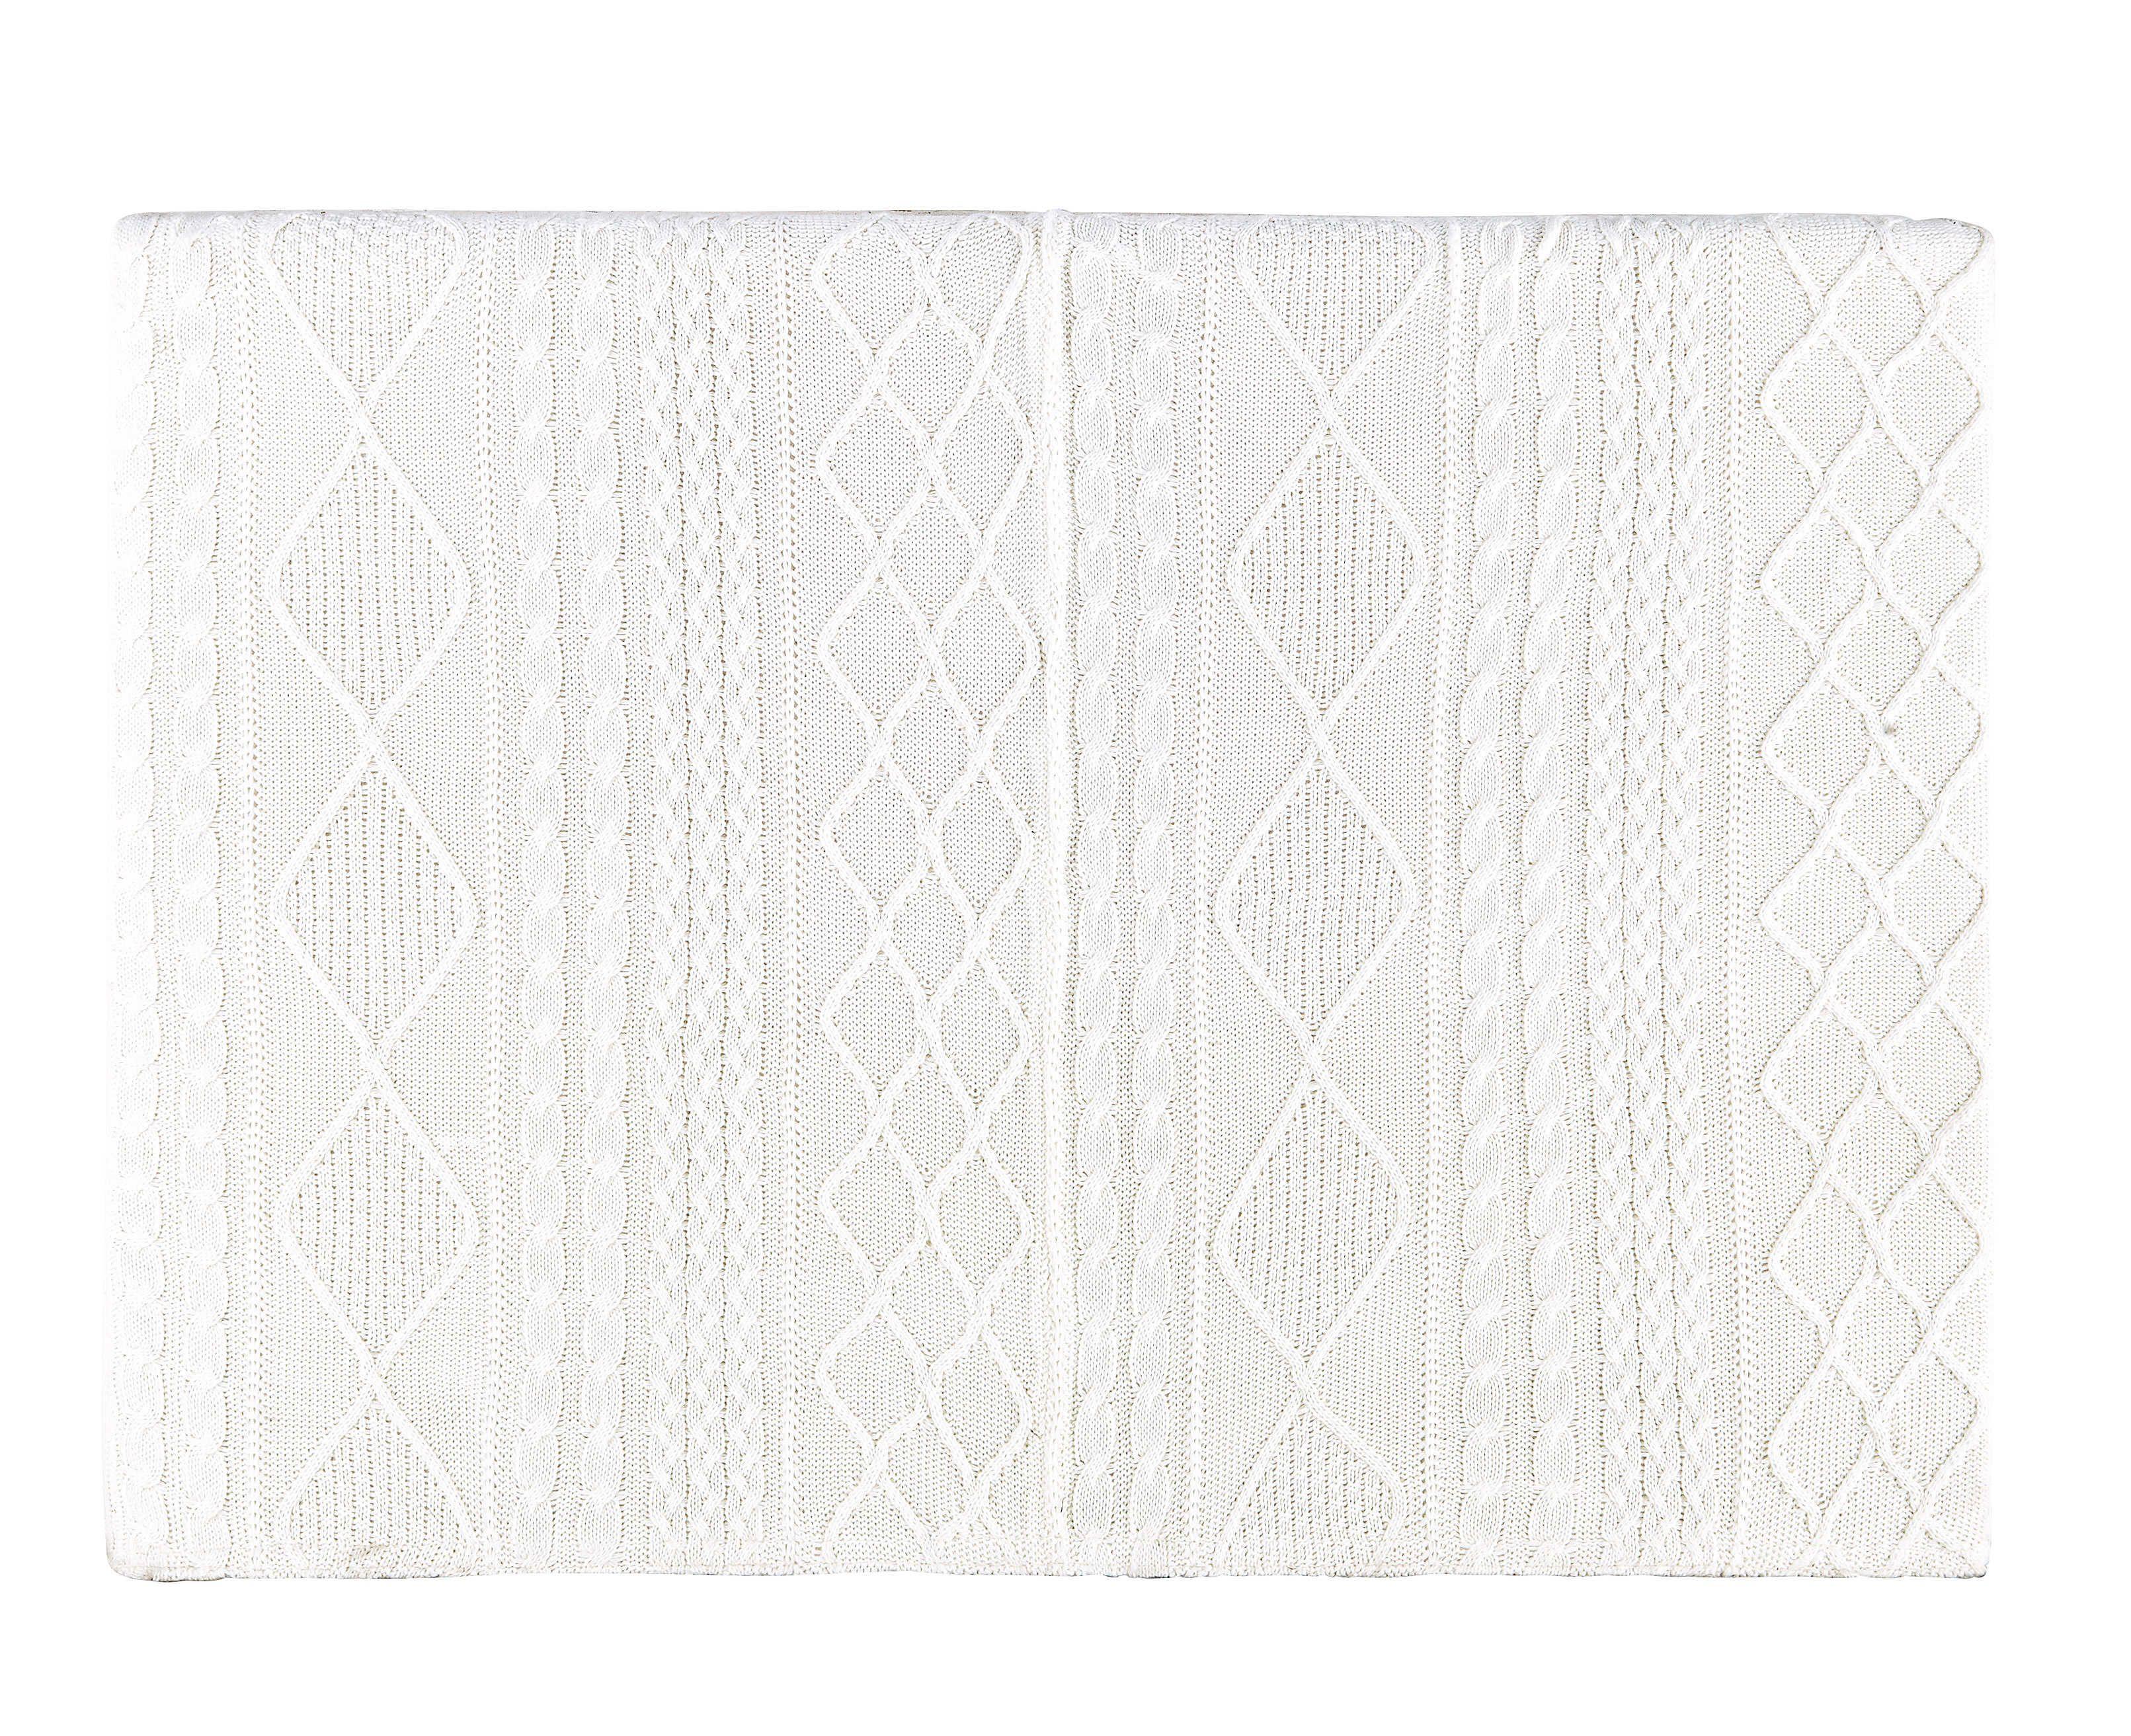 T te de lit 160 en tissu tricot grise Tricot Chambre